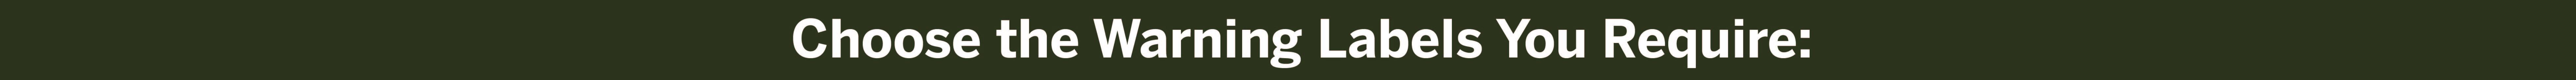 Warning Label Catgories